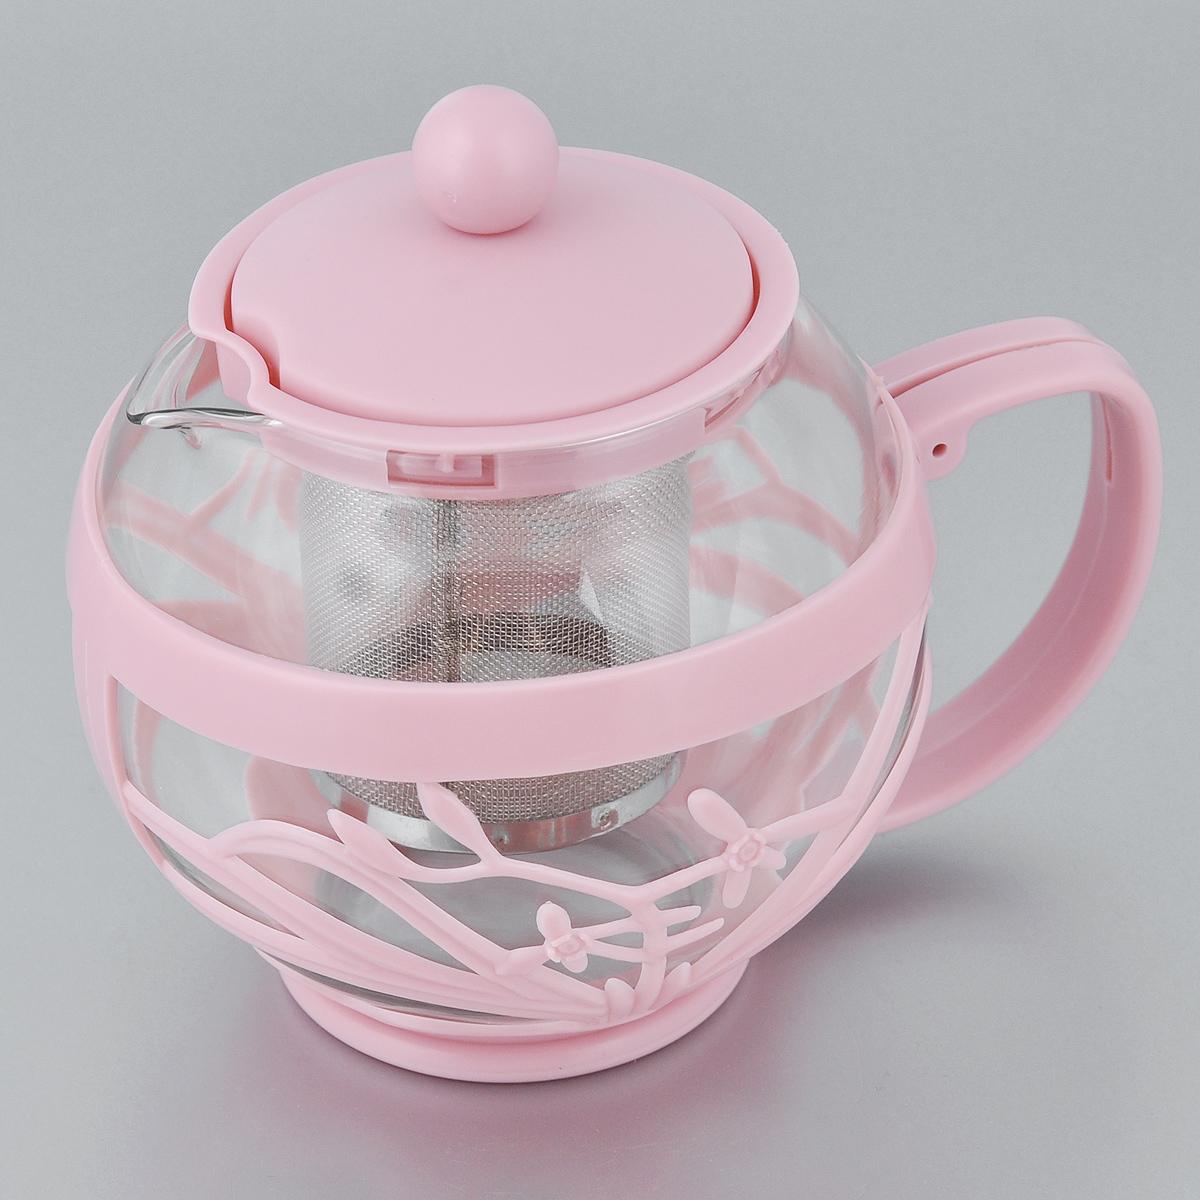 Чайник заварочный Menu Мелисса, с фильтром, цвет: прозрачный, розовый, 750 млMLS-75_розЧайник Menu Мелисса изготовлен из прочного стекла ипластика. Он прекрасно подойдет для заваривания чая итравяных напитков. Классический стиль и оптимальный объемделают его удобным и оригинальным аксессуаром. Изделиеимеет удлиненный металлический фильтр, которыйобеспечивает высокое качество фильтрации напитка ипозволяет заварить чай даже при небольшом уровне воды.Ручка чайника не нагревается и обеспечивает безопасностьиспользования.Нельзя мыть в посудомоечной машине.Диаметр чайника (по верхнему краю): 8 см. Высота чайника (без учета крышки): 11 см. Размер фильтра: 6 х 6 х 7,2 см.